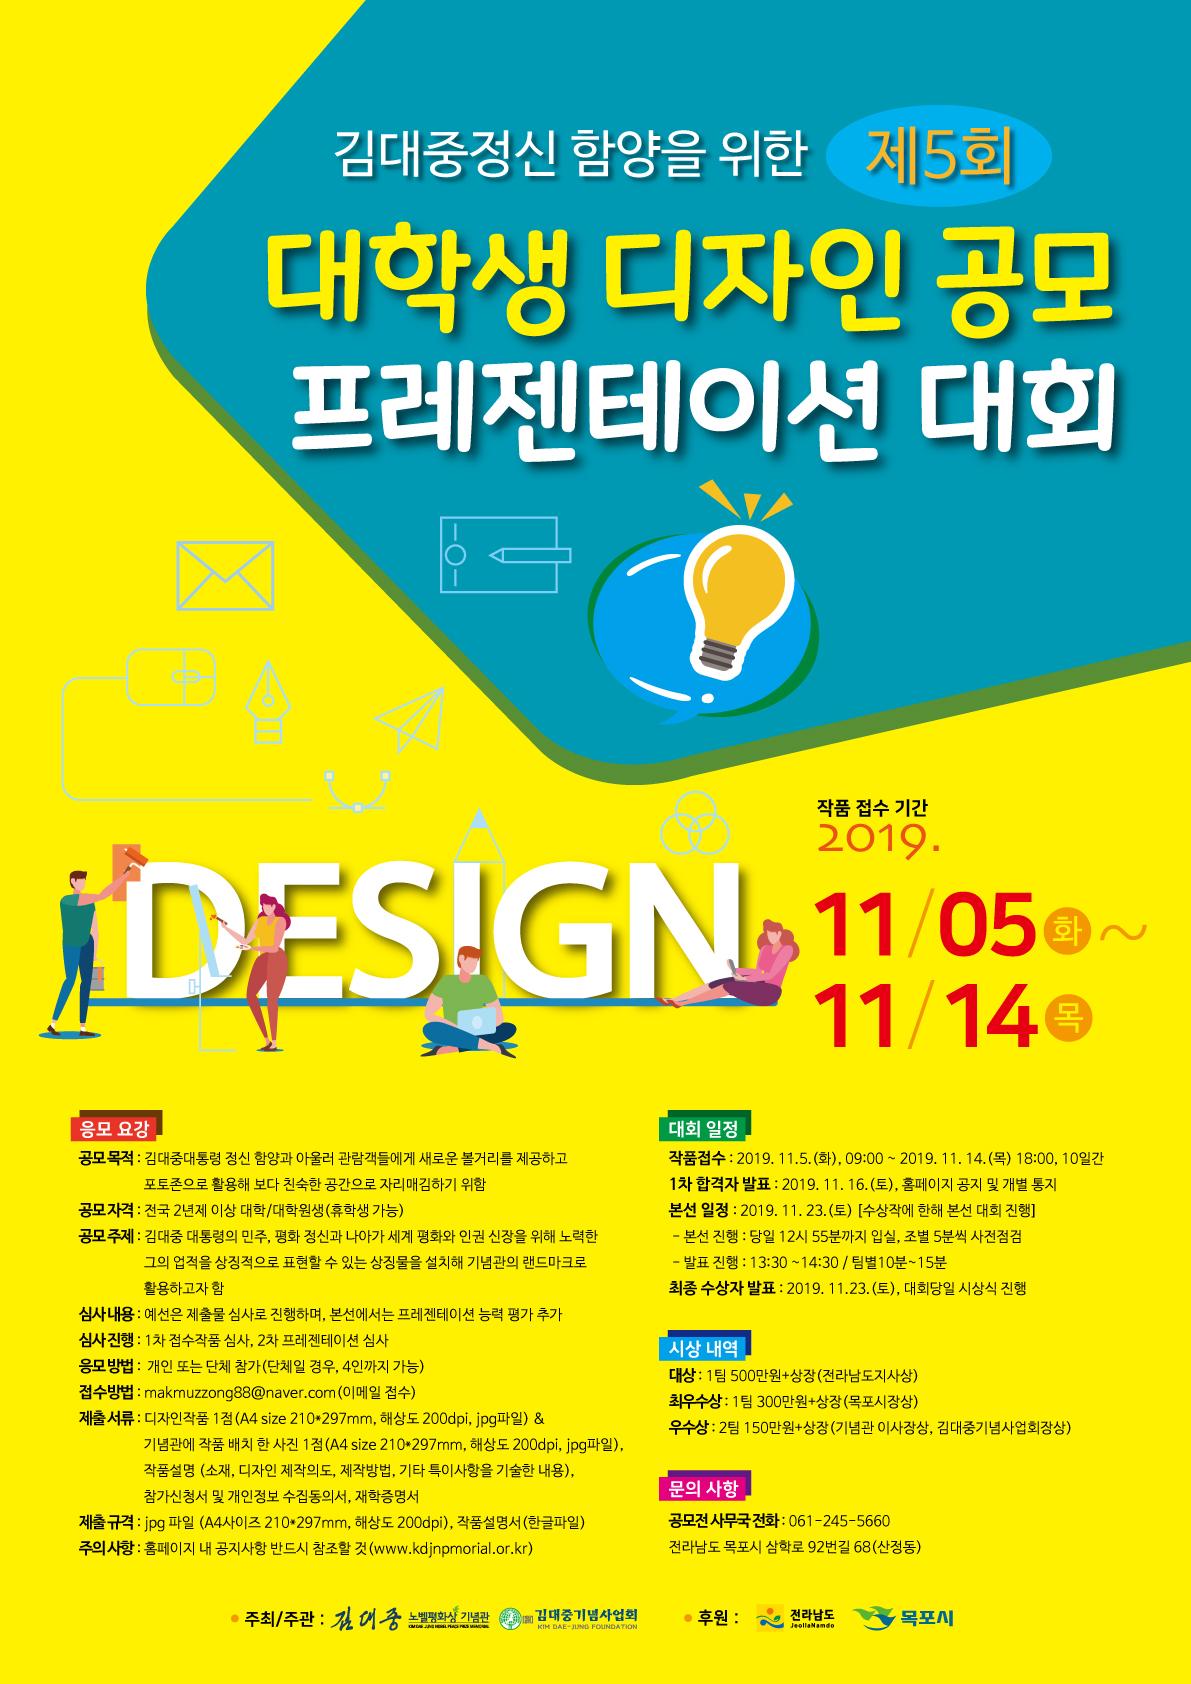 제5회 김대중노벨평화상 기념관 대학생 디자인 공모 & 프레젠테이션 대회